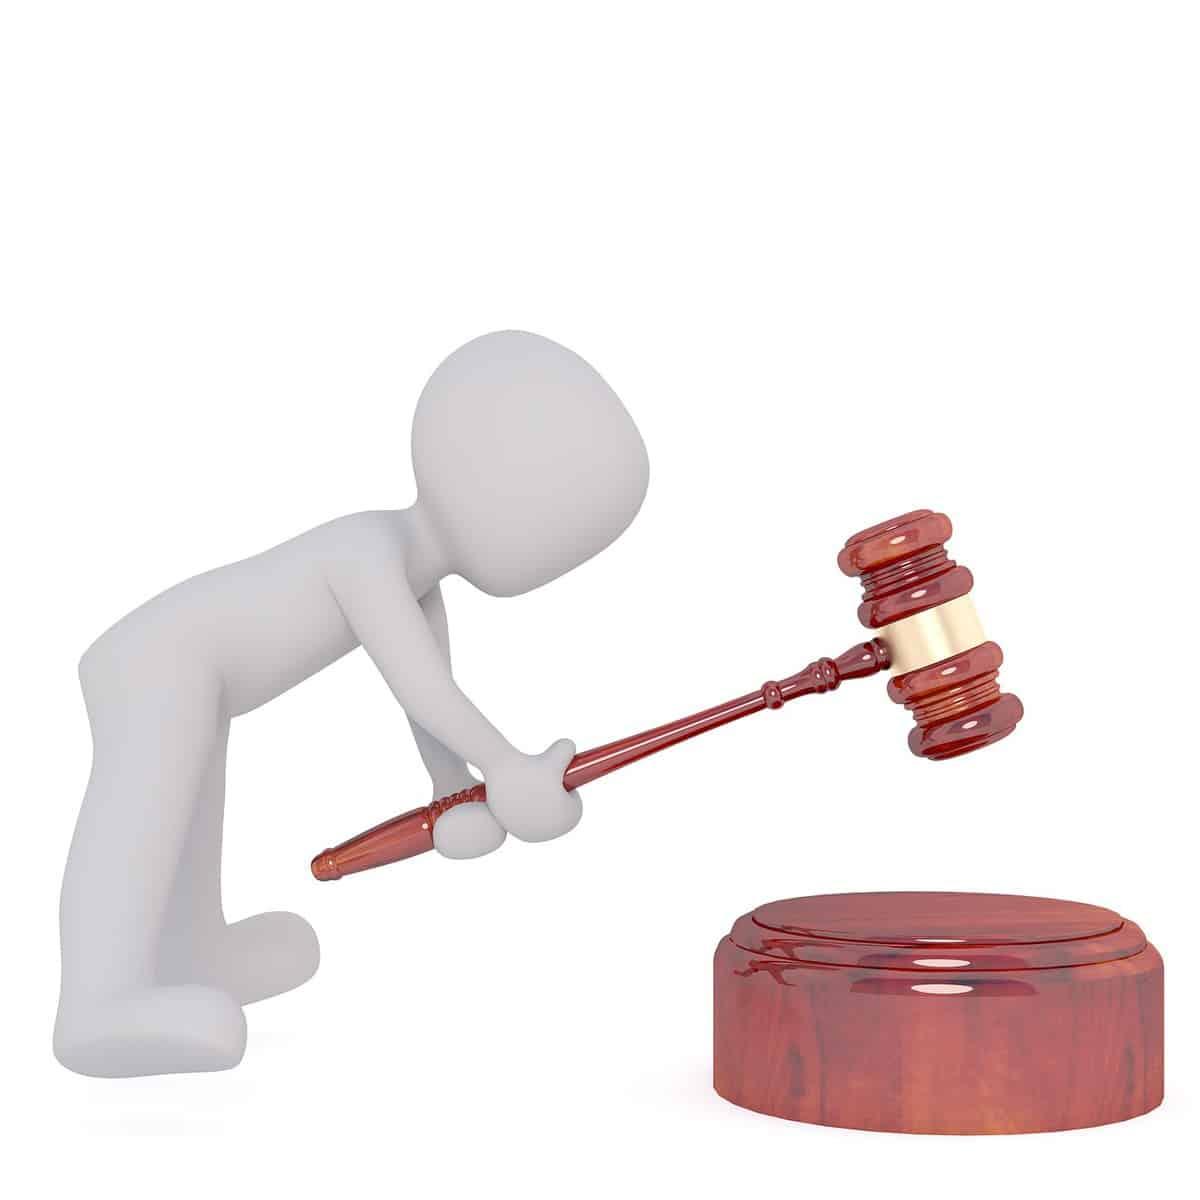 כל הסיבות שבגללן כדאי להיות עורכי דין לענייני פלילים